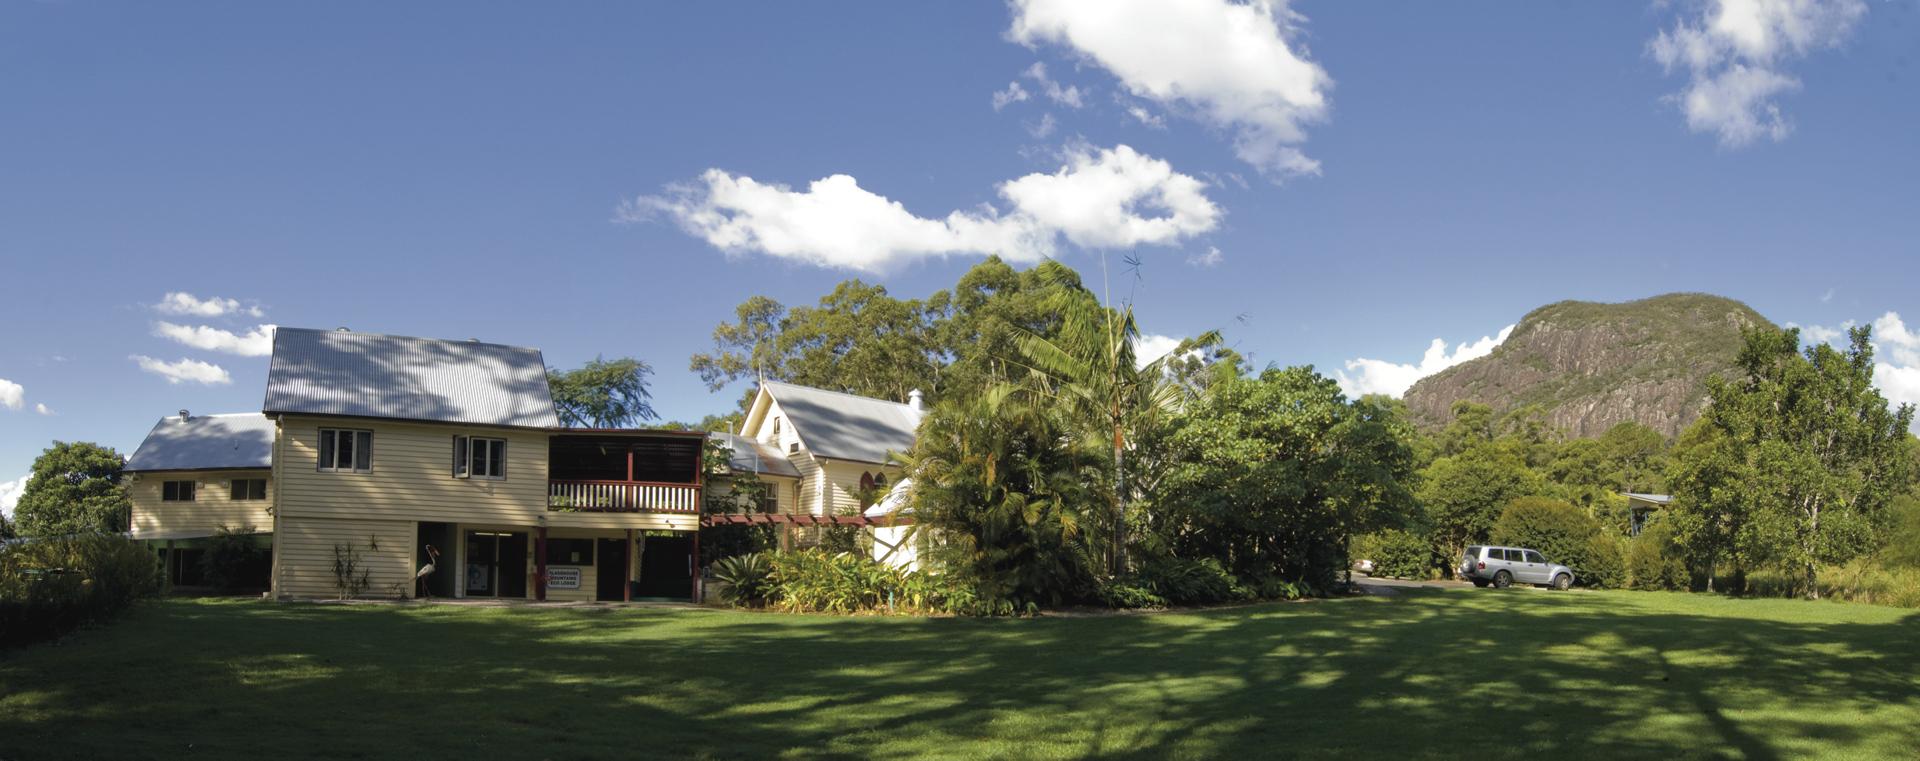 Glass House Mountains Eco Lodge